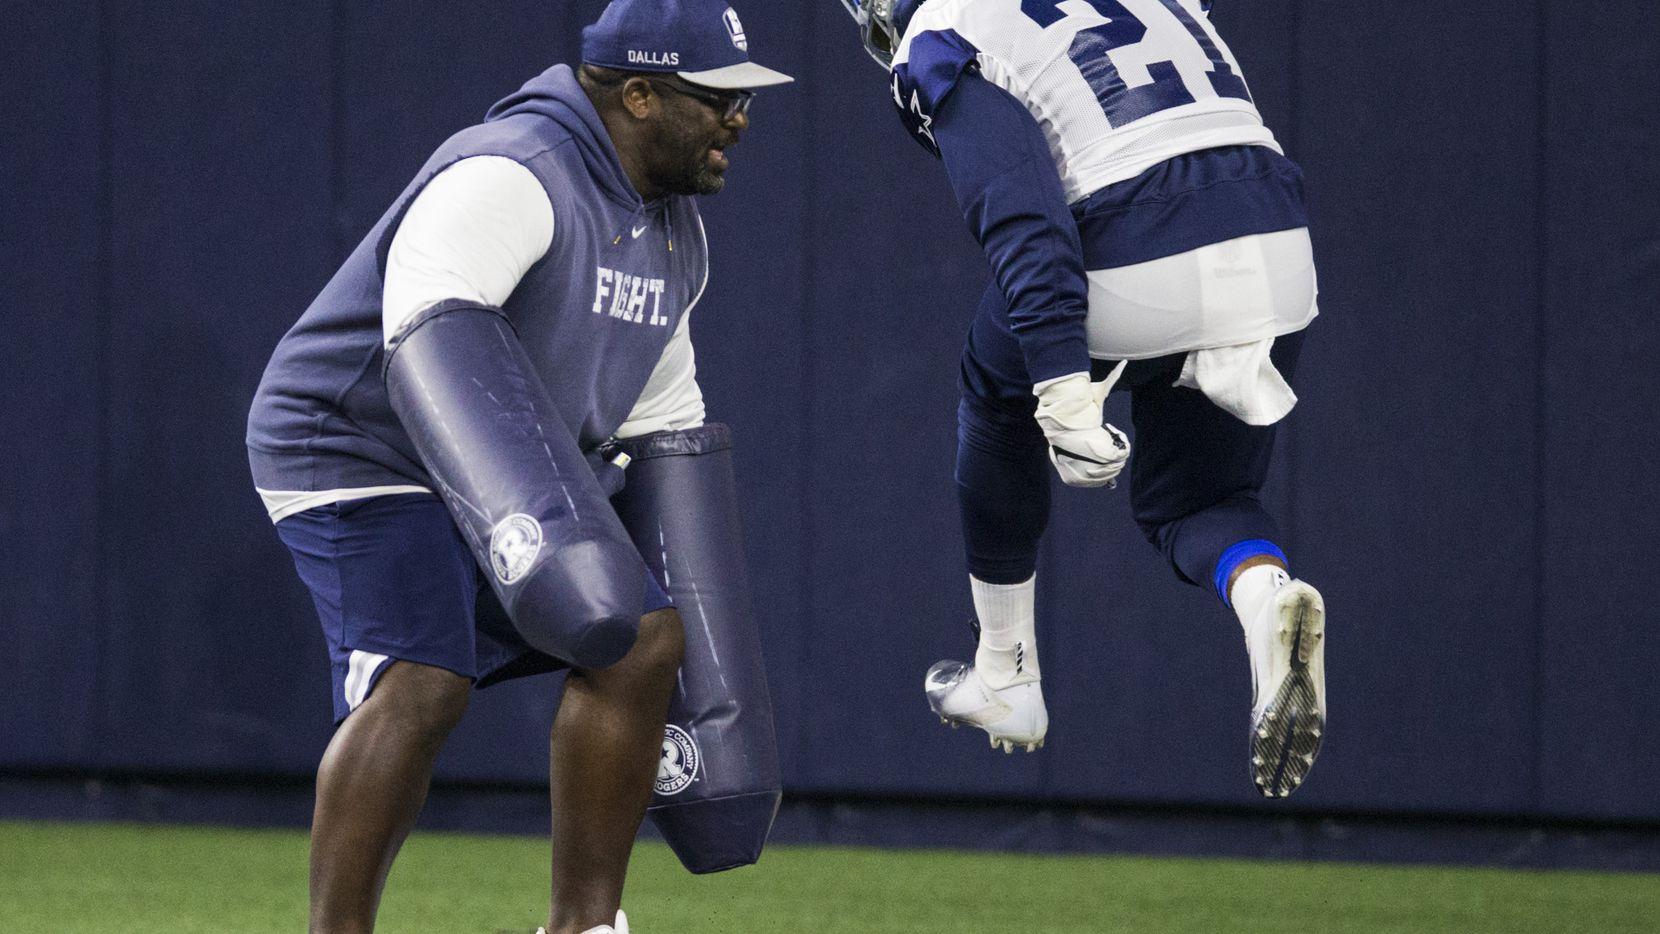 La demanda dice que en el lugar del accidente del corredor de los Dallas Cowboys Ezekiel Elliott (21) llegó el entrenador de running backs coach Gary Brown.